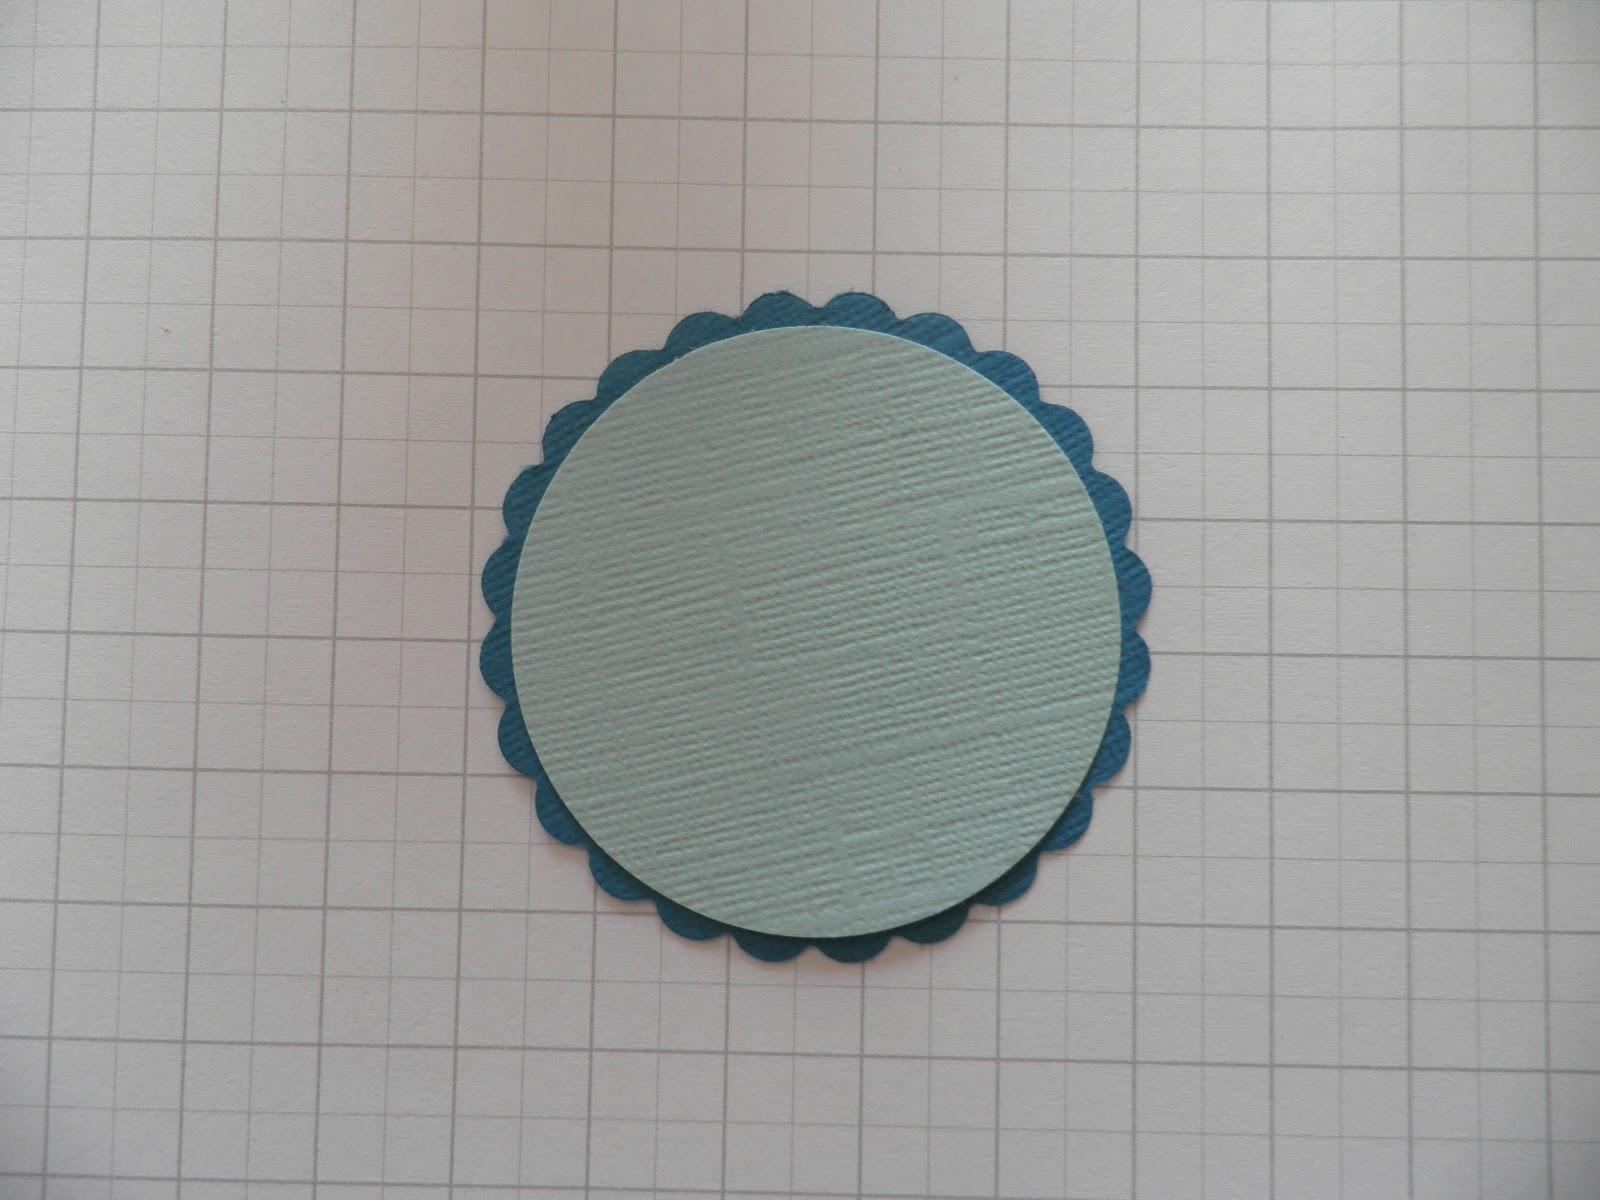 Abc du scrap tuto rond de serviette for Petit miroir rond a coller